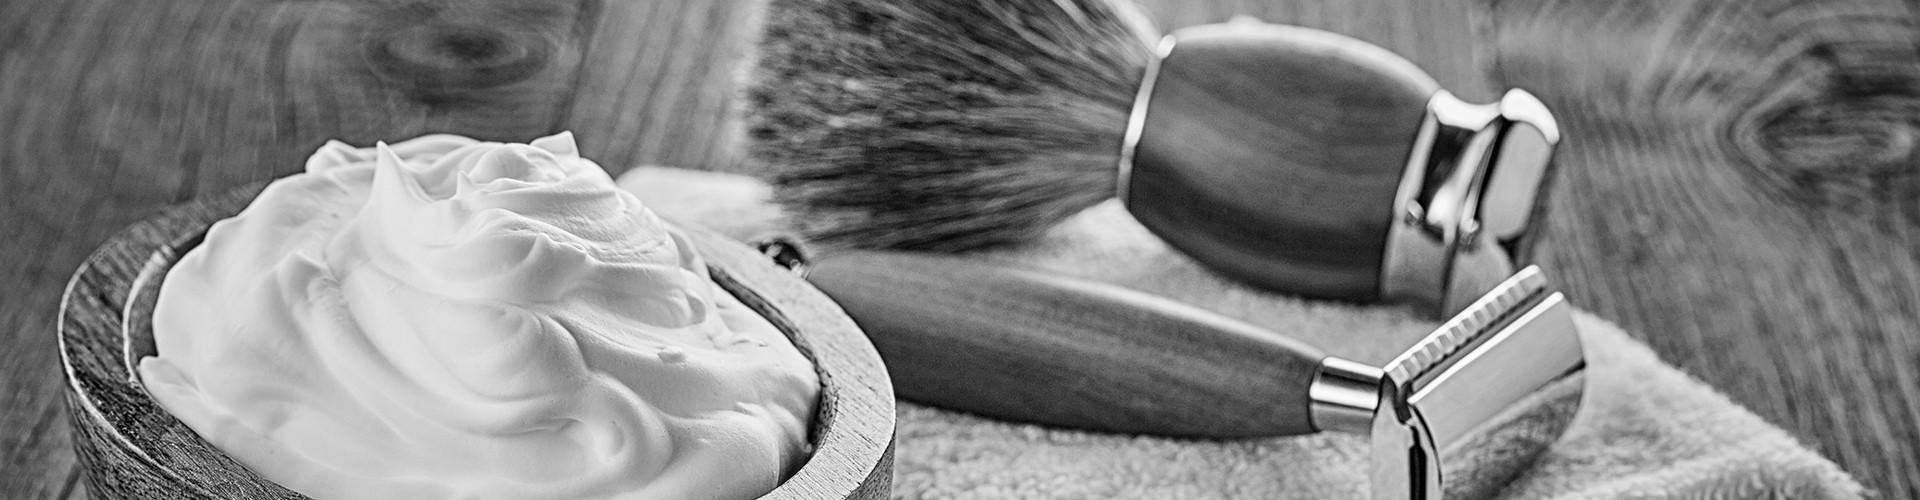 Lames pour rasoirs de sécurité et shavettes